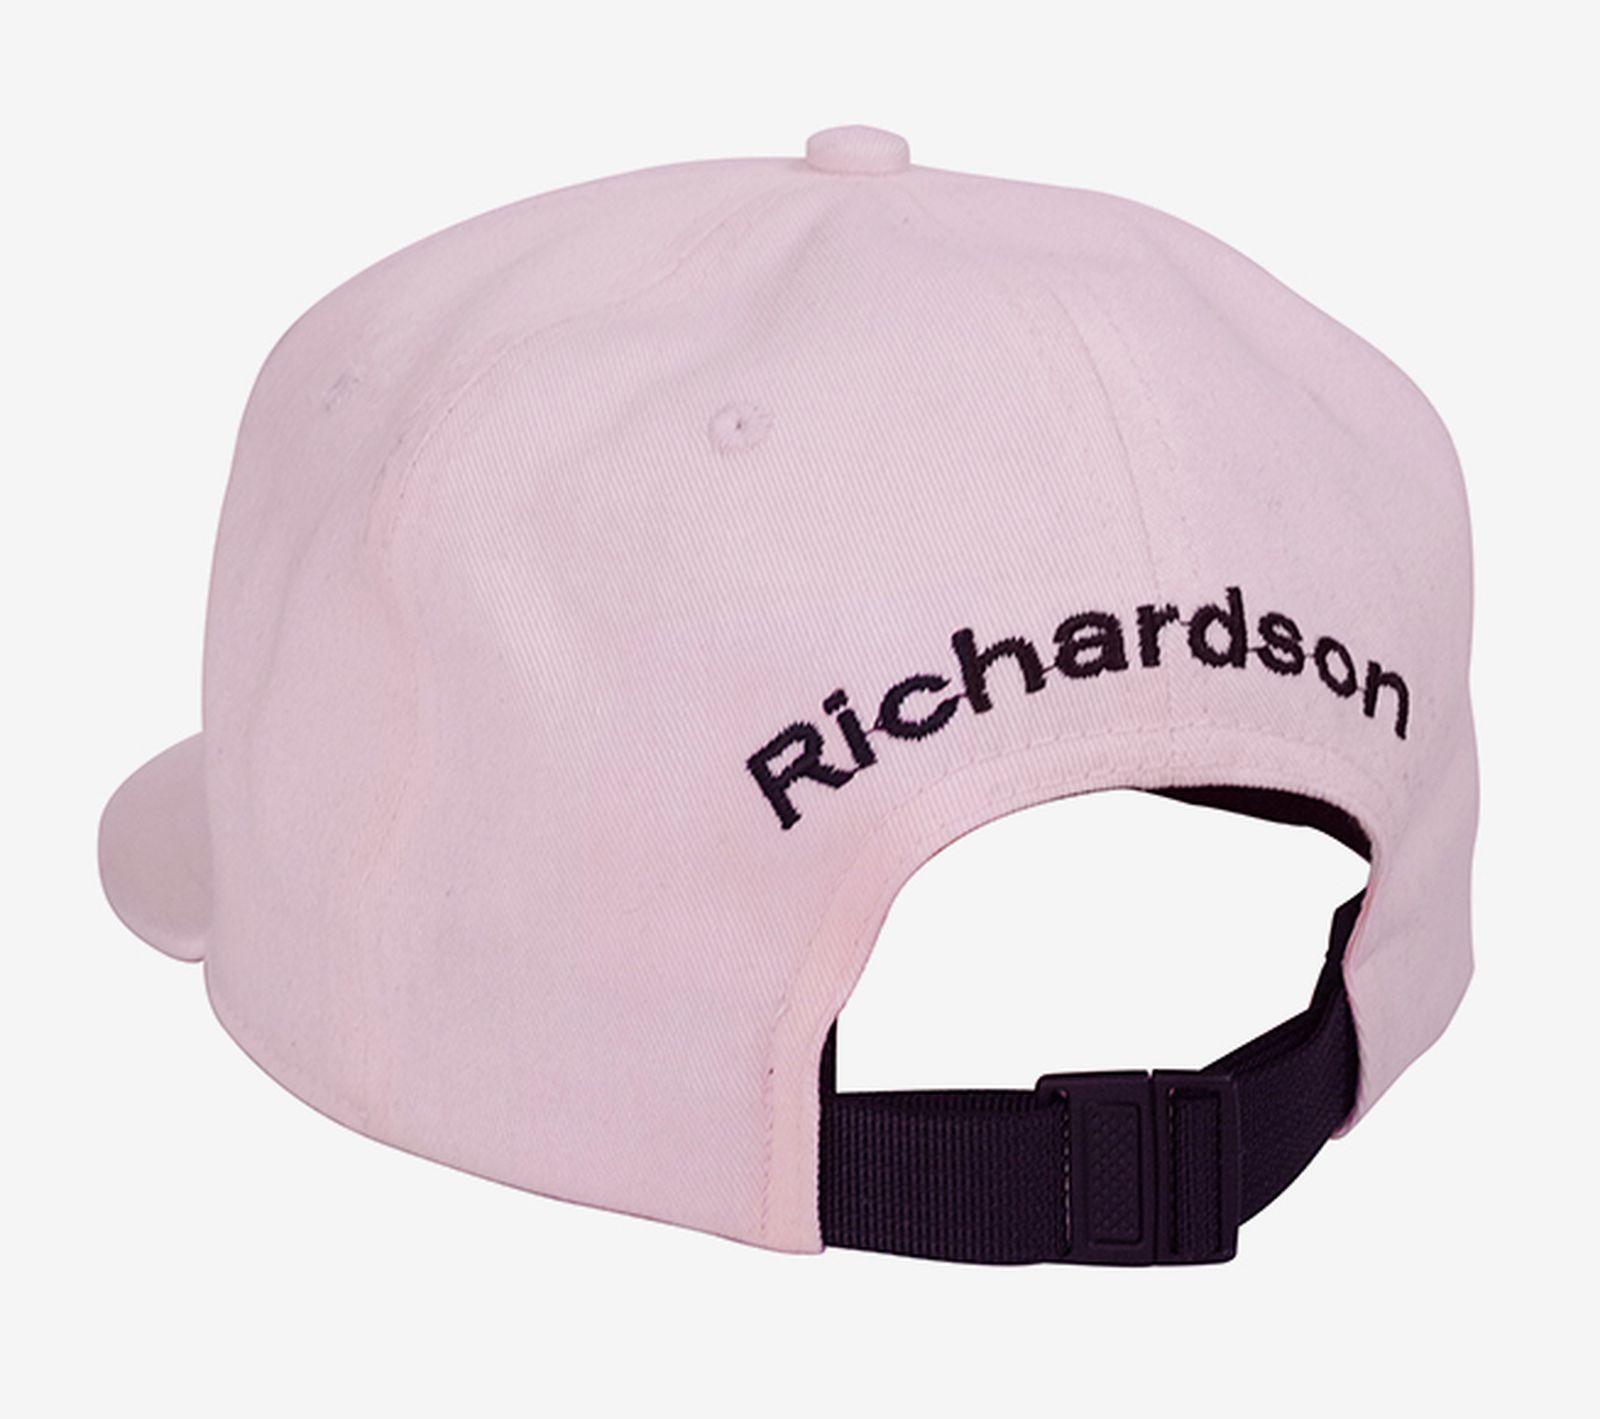 richardson pornhub fw18 capsule